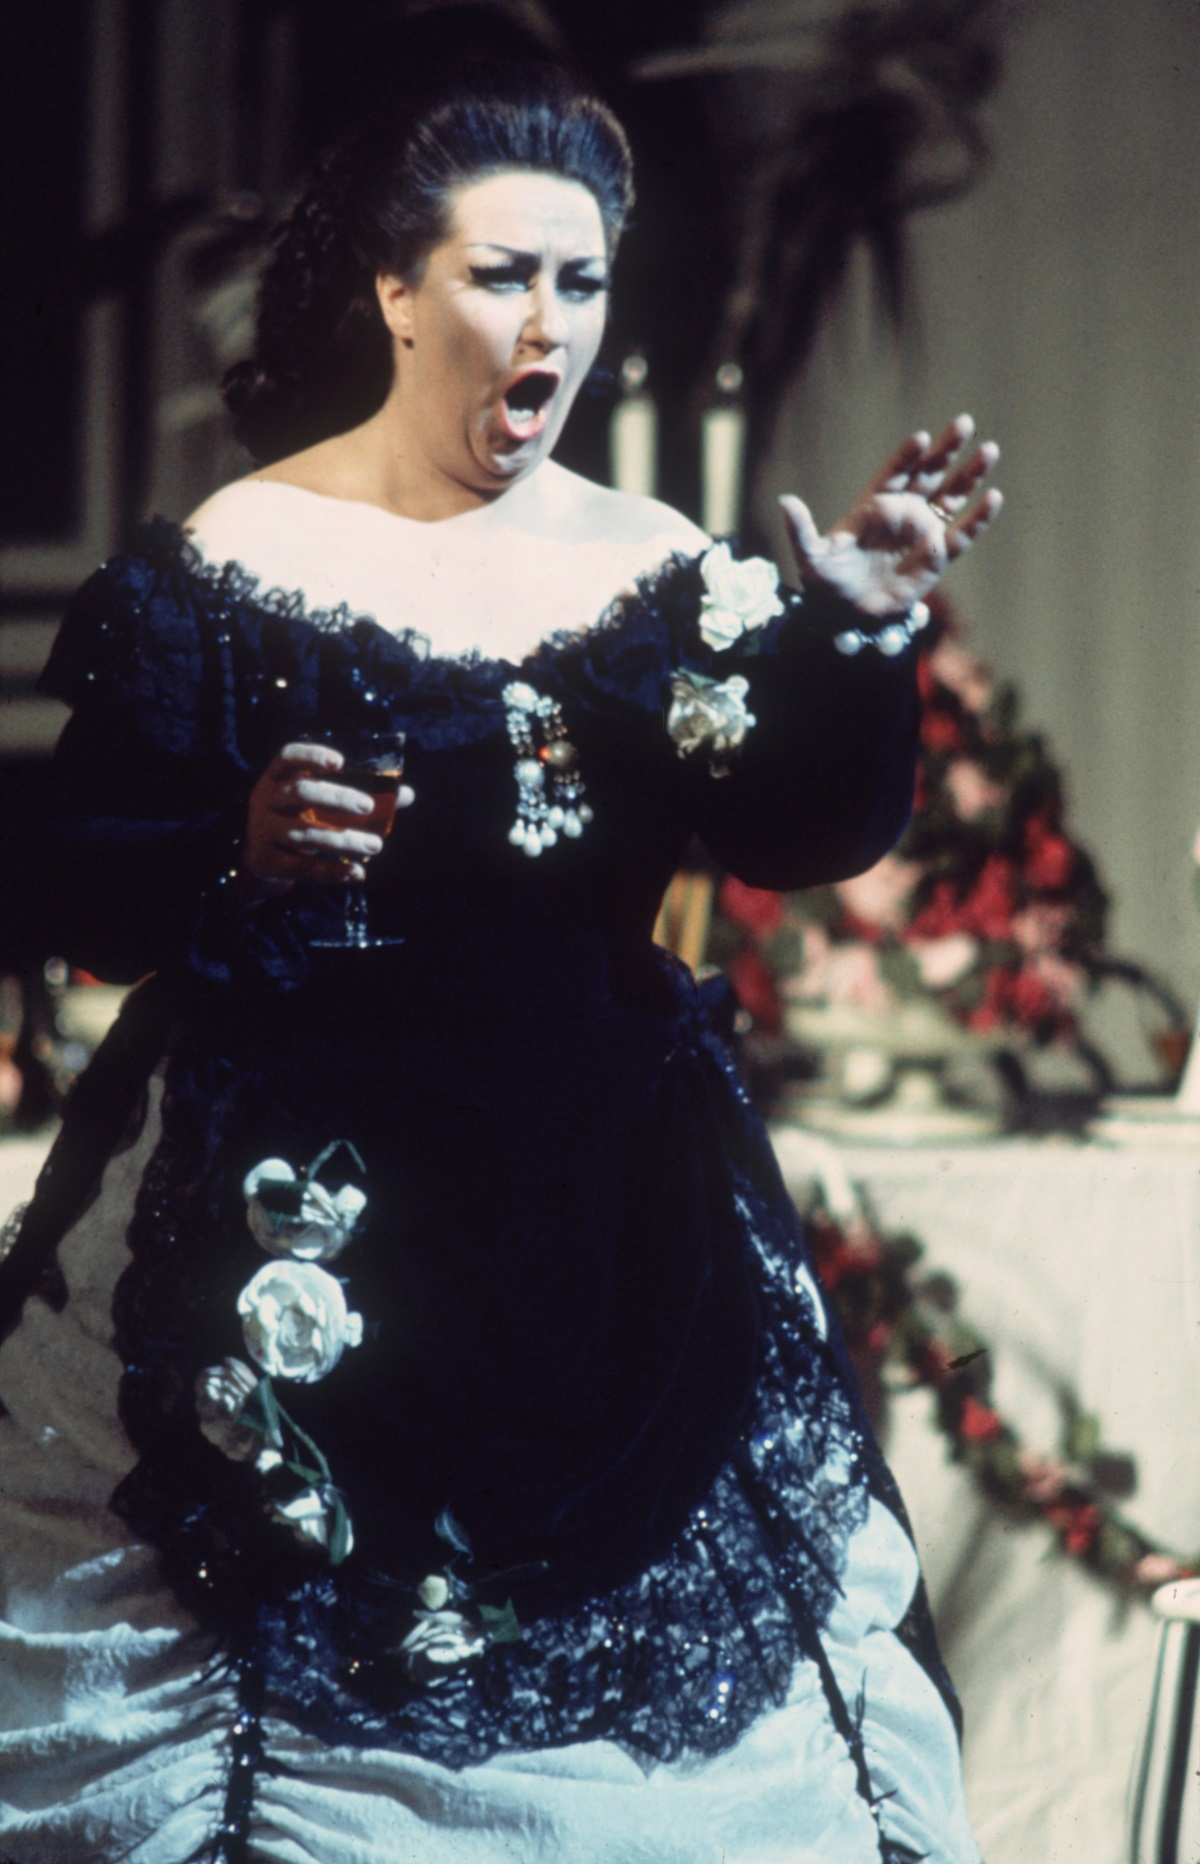 """Звездната слава на Кабайе изгрява през 1965 г. с ролята X на Лукреция Борджия в операта на Доницети в известния """"Карнеги хол"""" в Ню Йорк, след като излиза на сцената като заместничка на болна своя колежка. По време на 50-годишната си кариера тя е гастролирала в операта """"Метрополитън"""", в държавната опера на Виена и е пяла до известни тенори като Лучано Павароти и Пласидо Доминго."""